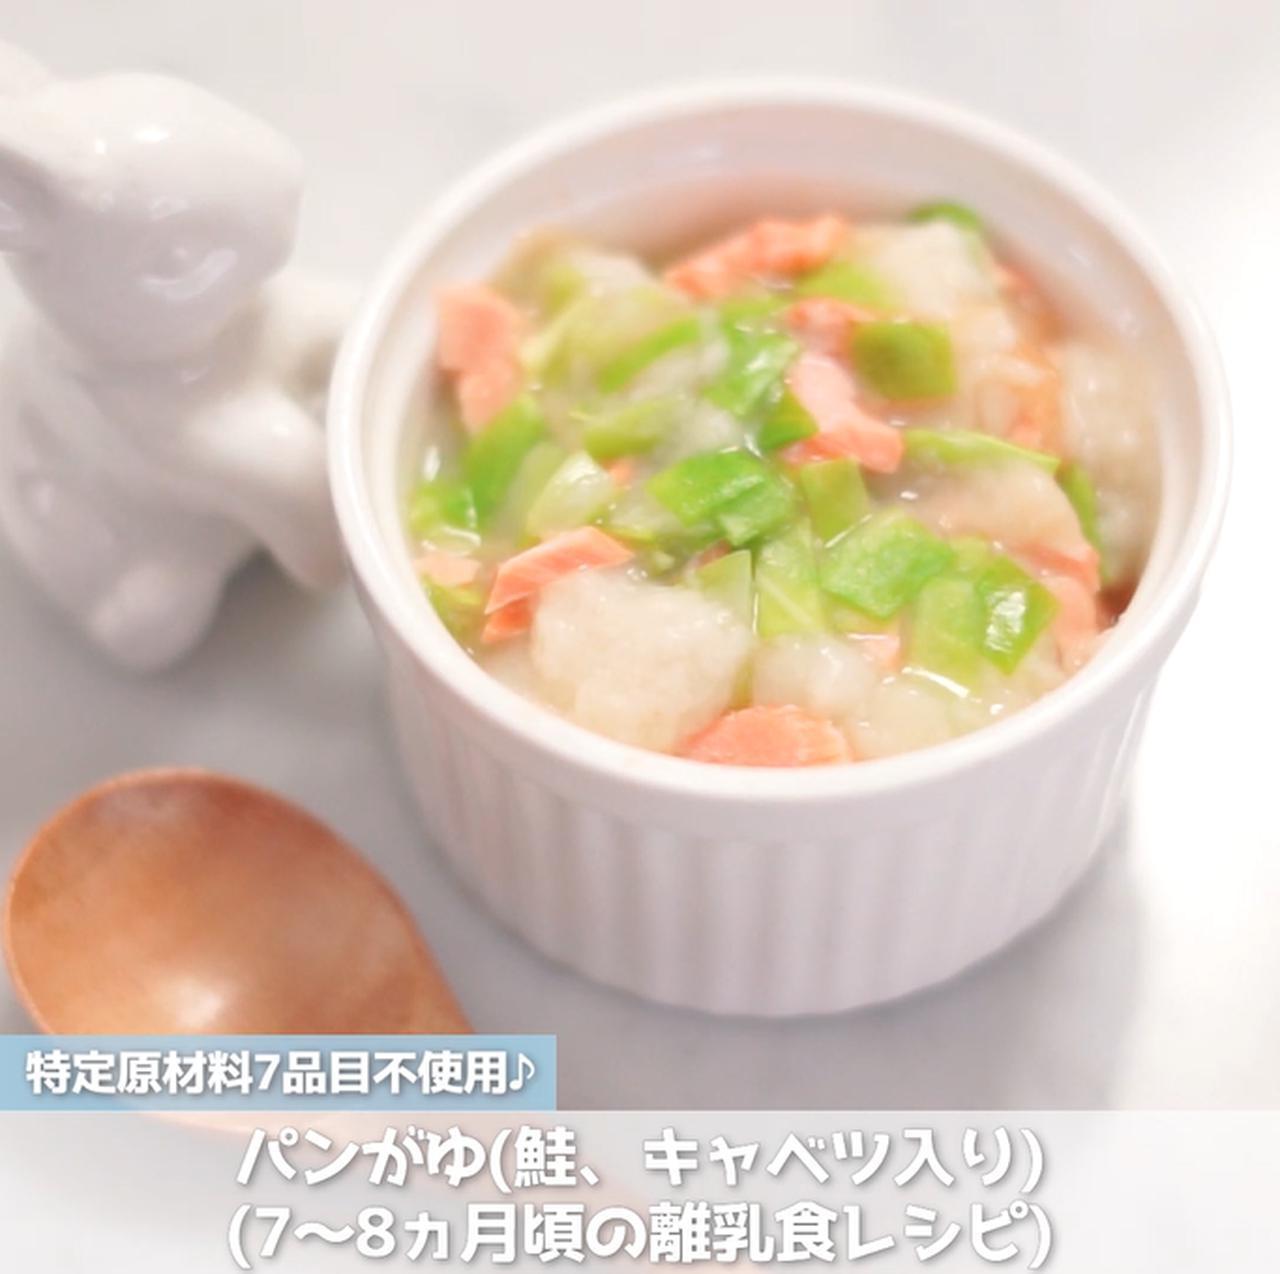 画像: 離乳食レシピ!米粉のパンで作るふわふわパンがゆ - 君とごはん